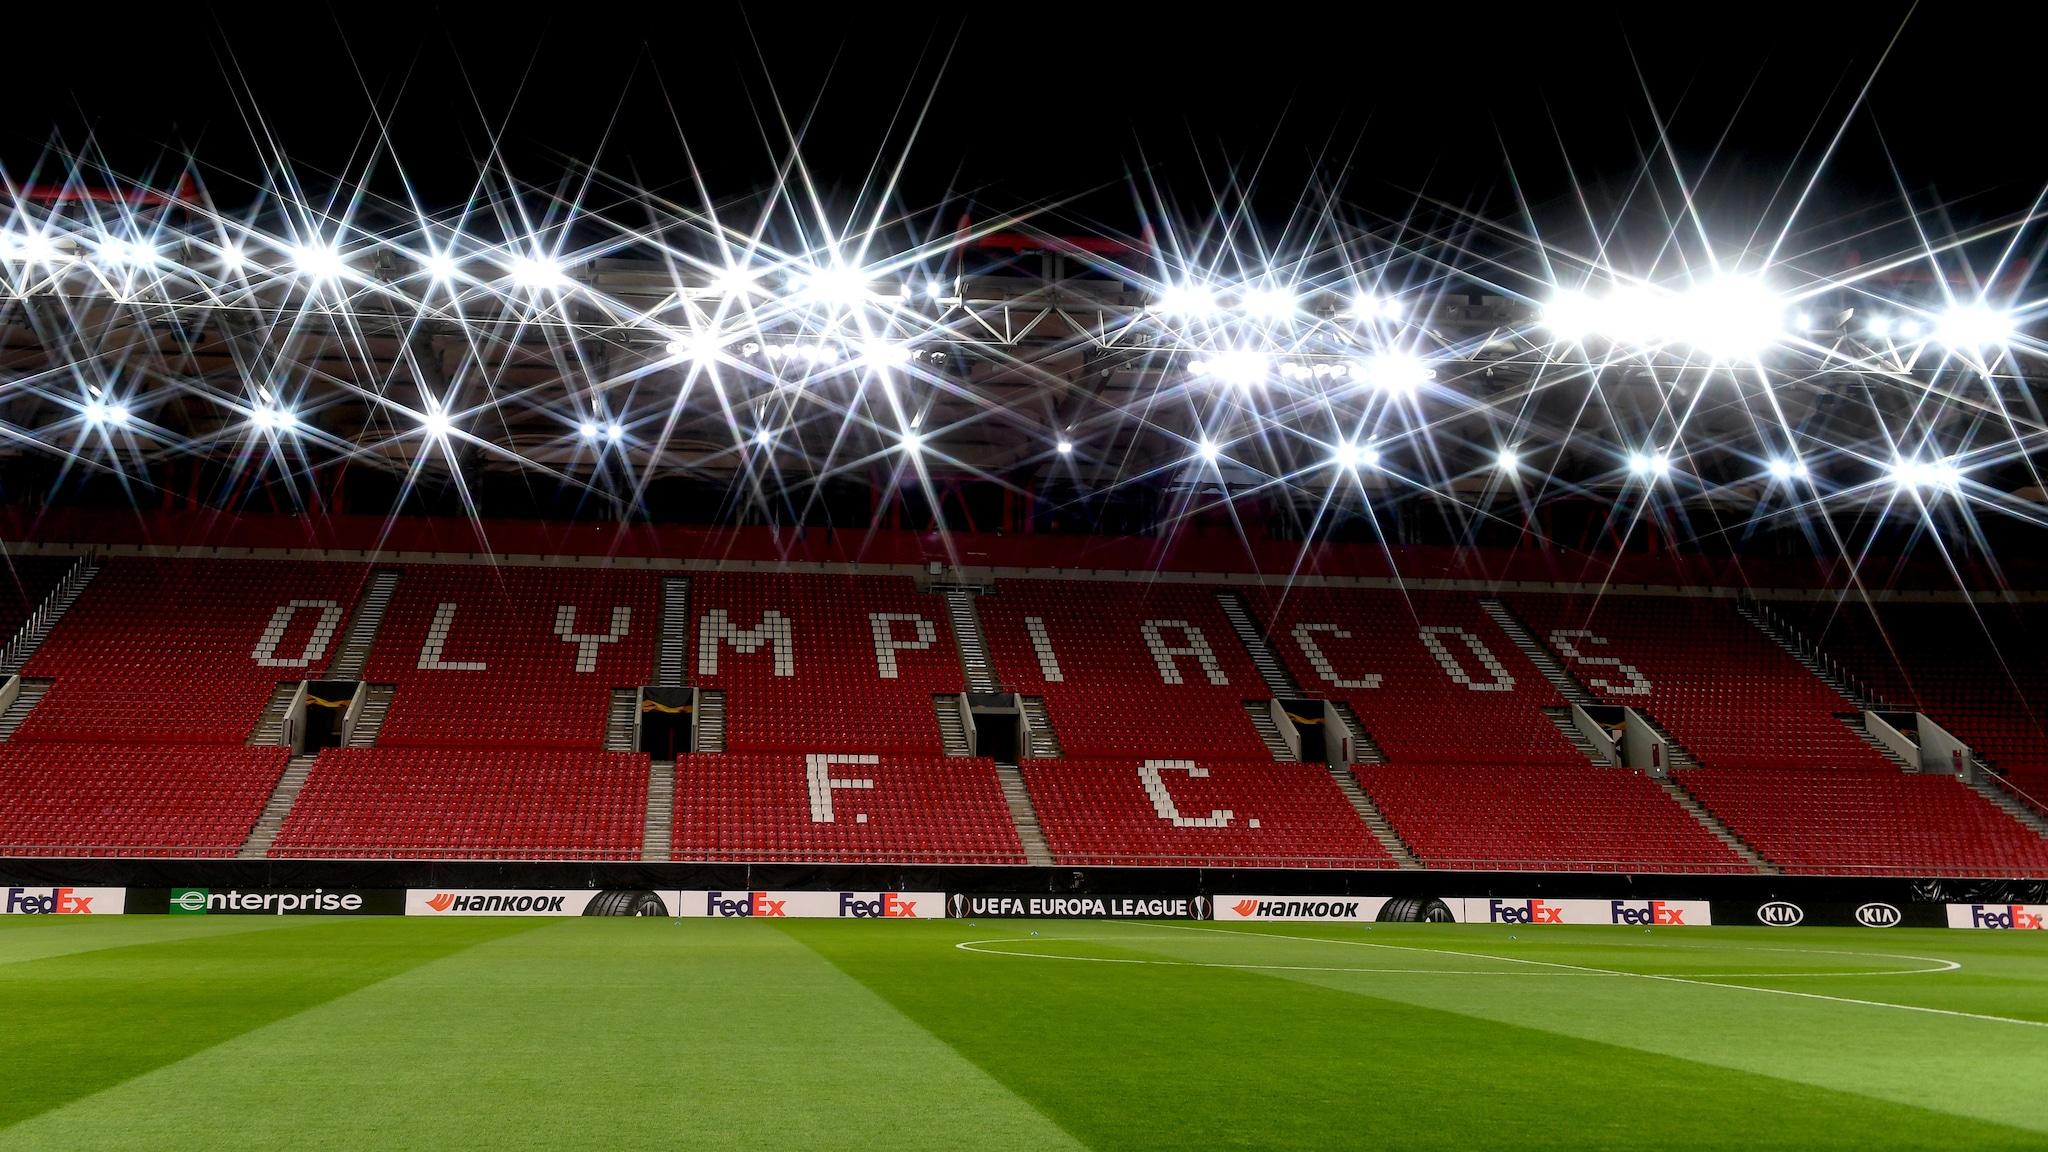 UEFA Europa League venue changes